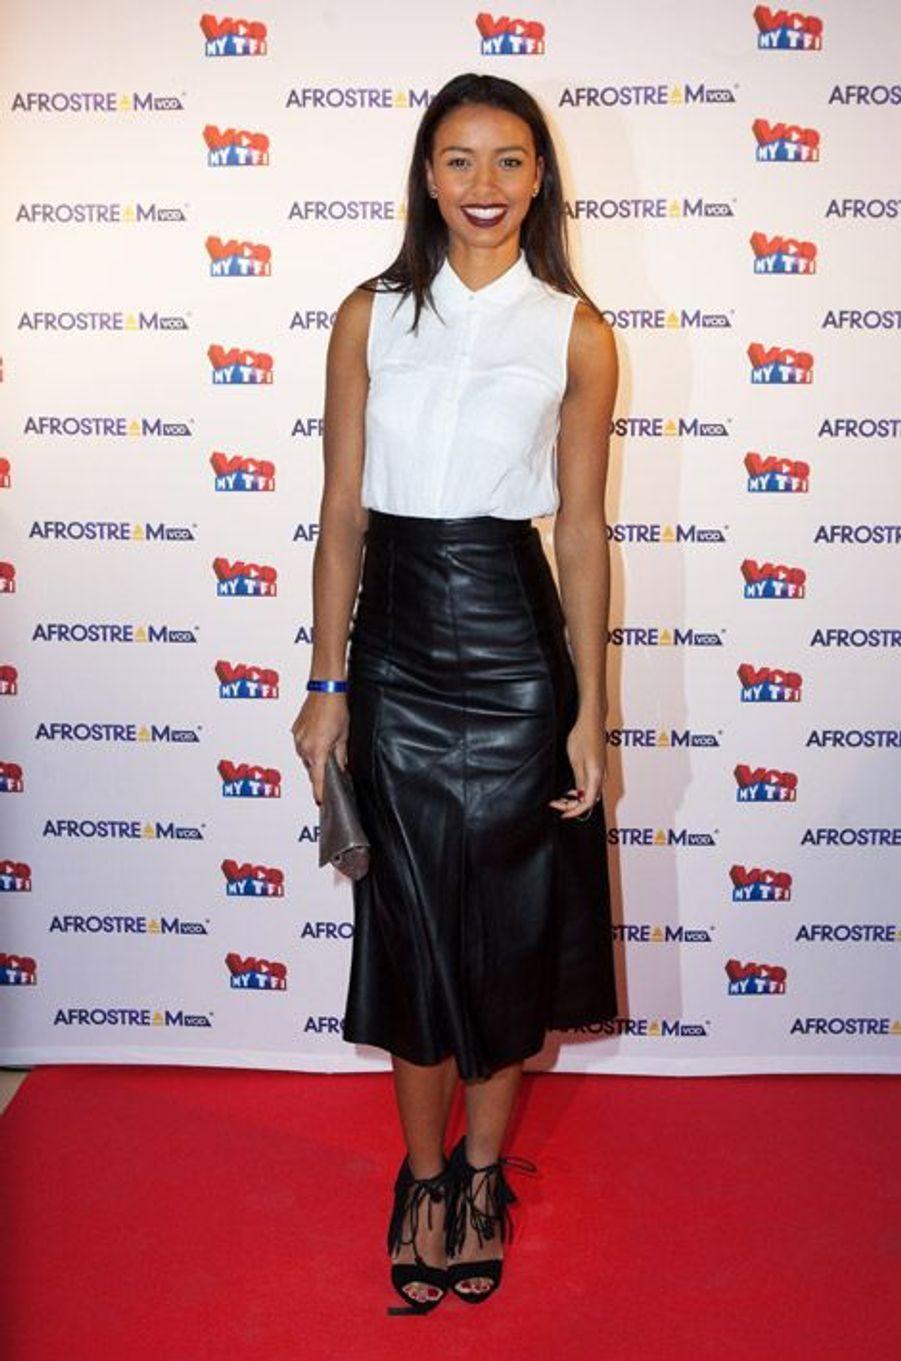 Miss France 2014, Flora Coquerel, lors de la soirée Afrostream dans les locaux de TF1 à Boulogne-Billancourt, le 4 mars 2015